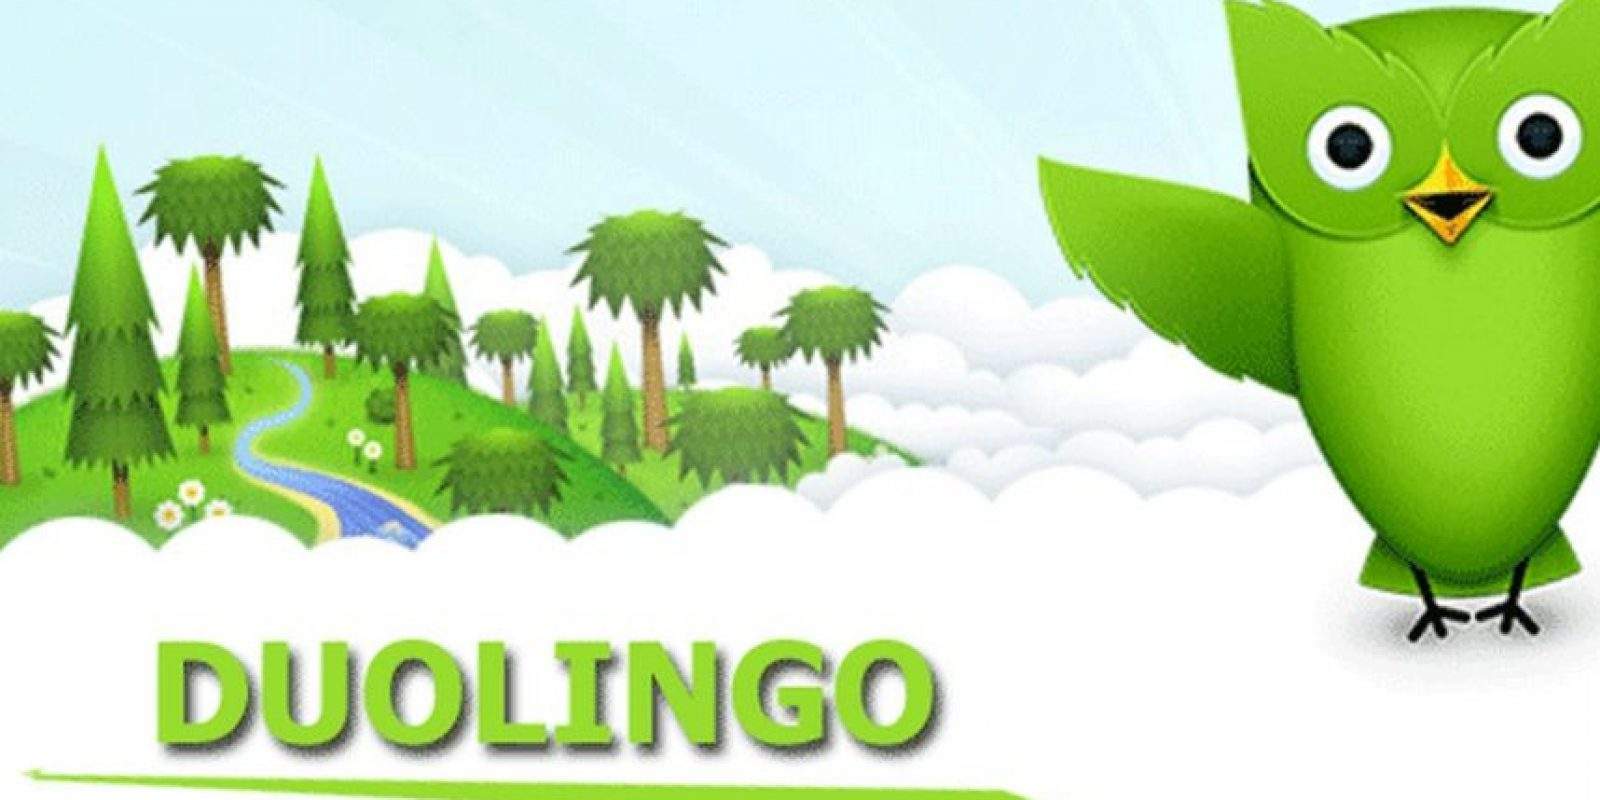 Está disponible en más de 20 idiomas. Foto:Duolingo